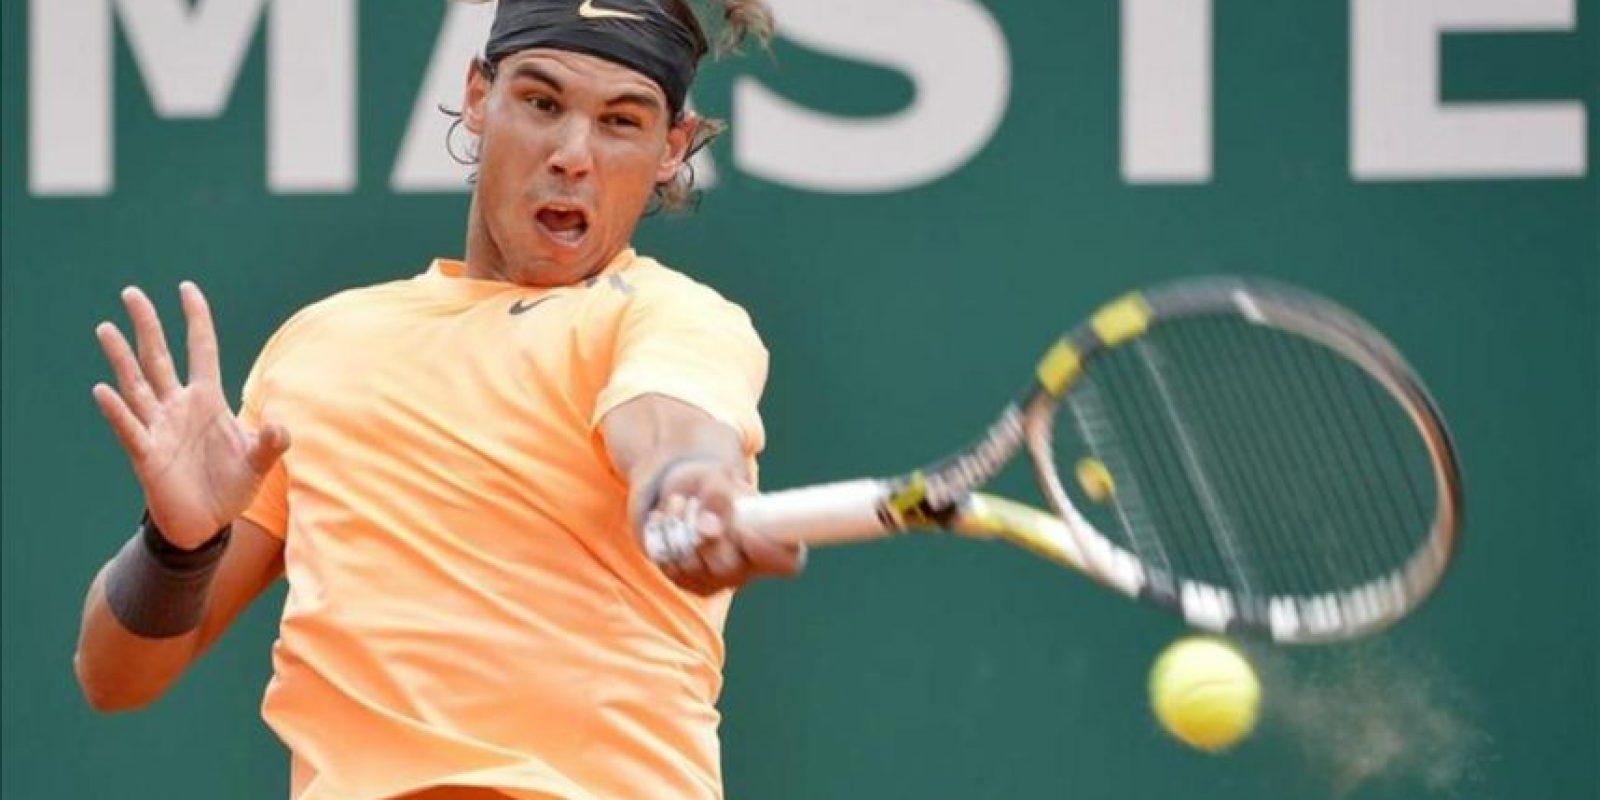 El tenista español Rafael Nadal devuelve la pelota al finlandés Jarkko Nieminen durante la segunda ronda del del Masters 1.000 de Montecarlo disputado en Roquebrune Cap Martin, Francia. EFE